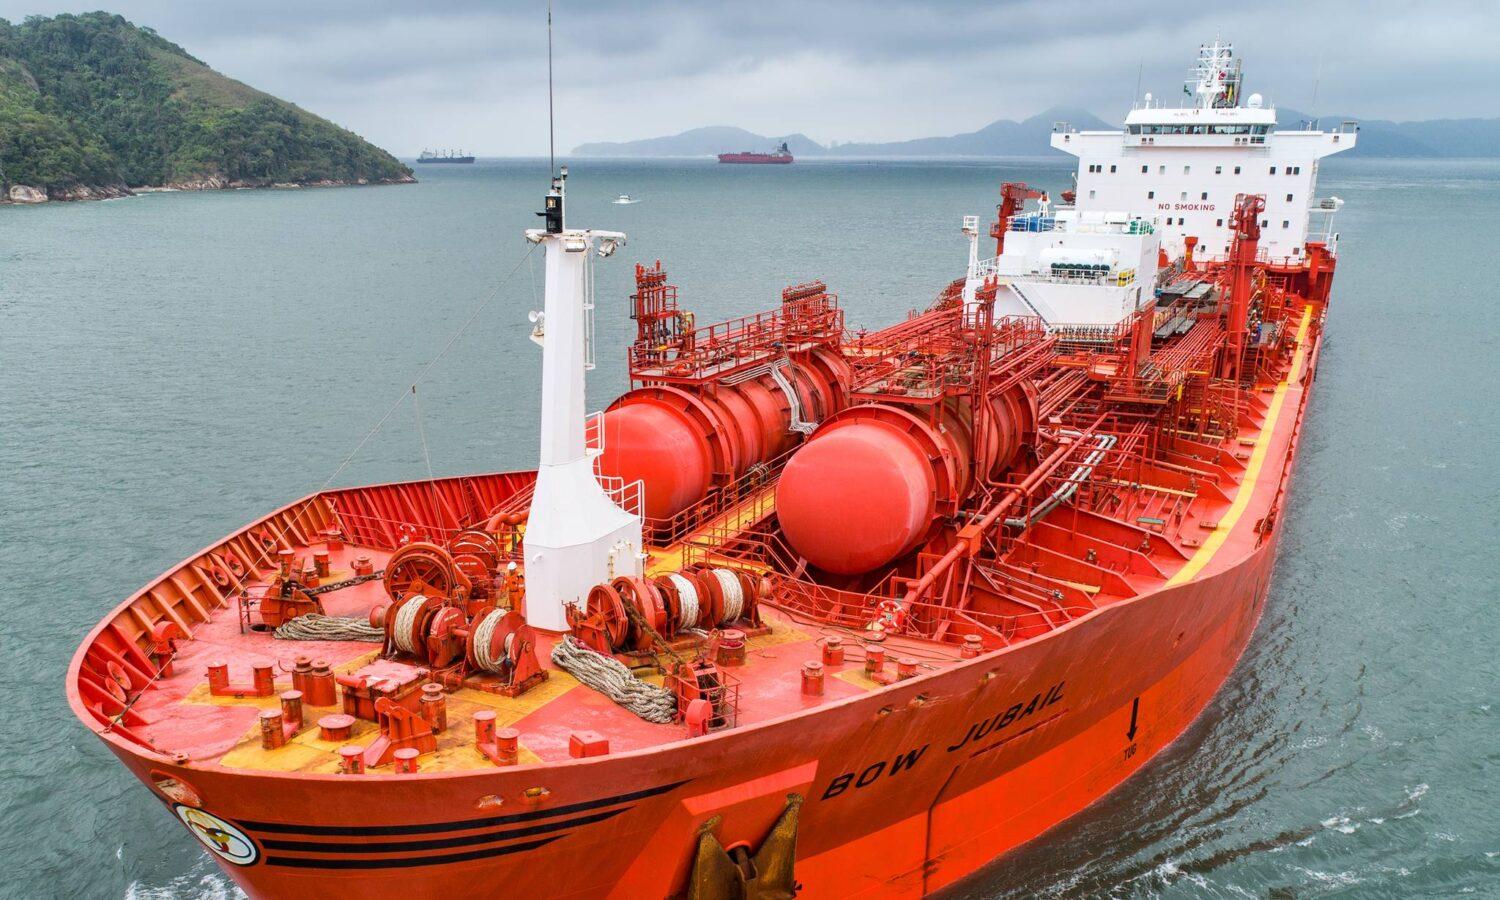 Η Νορβηγική Odfjell δεσμεύεται για πλοία μηδενικών εκπομπών έως το 2050 - e-Nautilia.gr | Το Ελληνικό Portal για την Ναυτιλία. Τελευταία νέα, άρθρα, Οπτικοακουστικό Υλικό